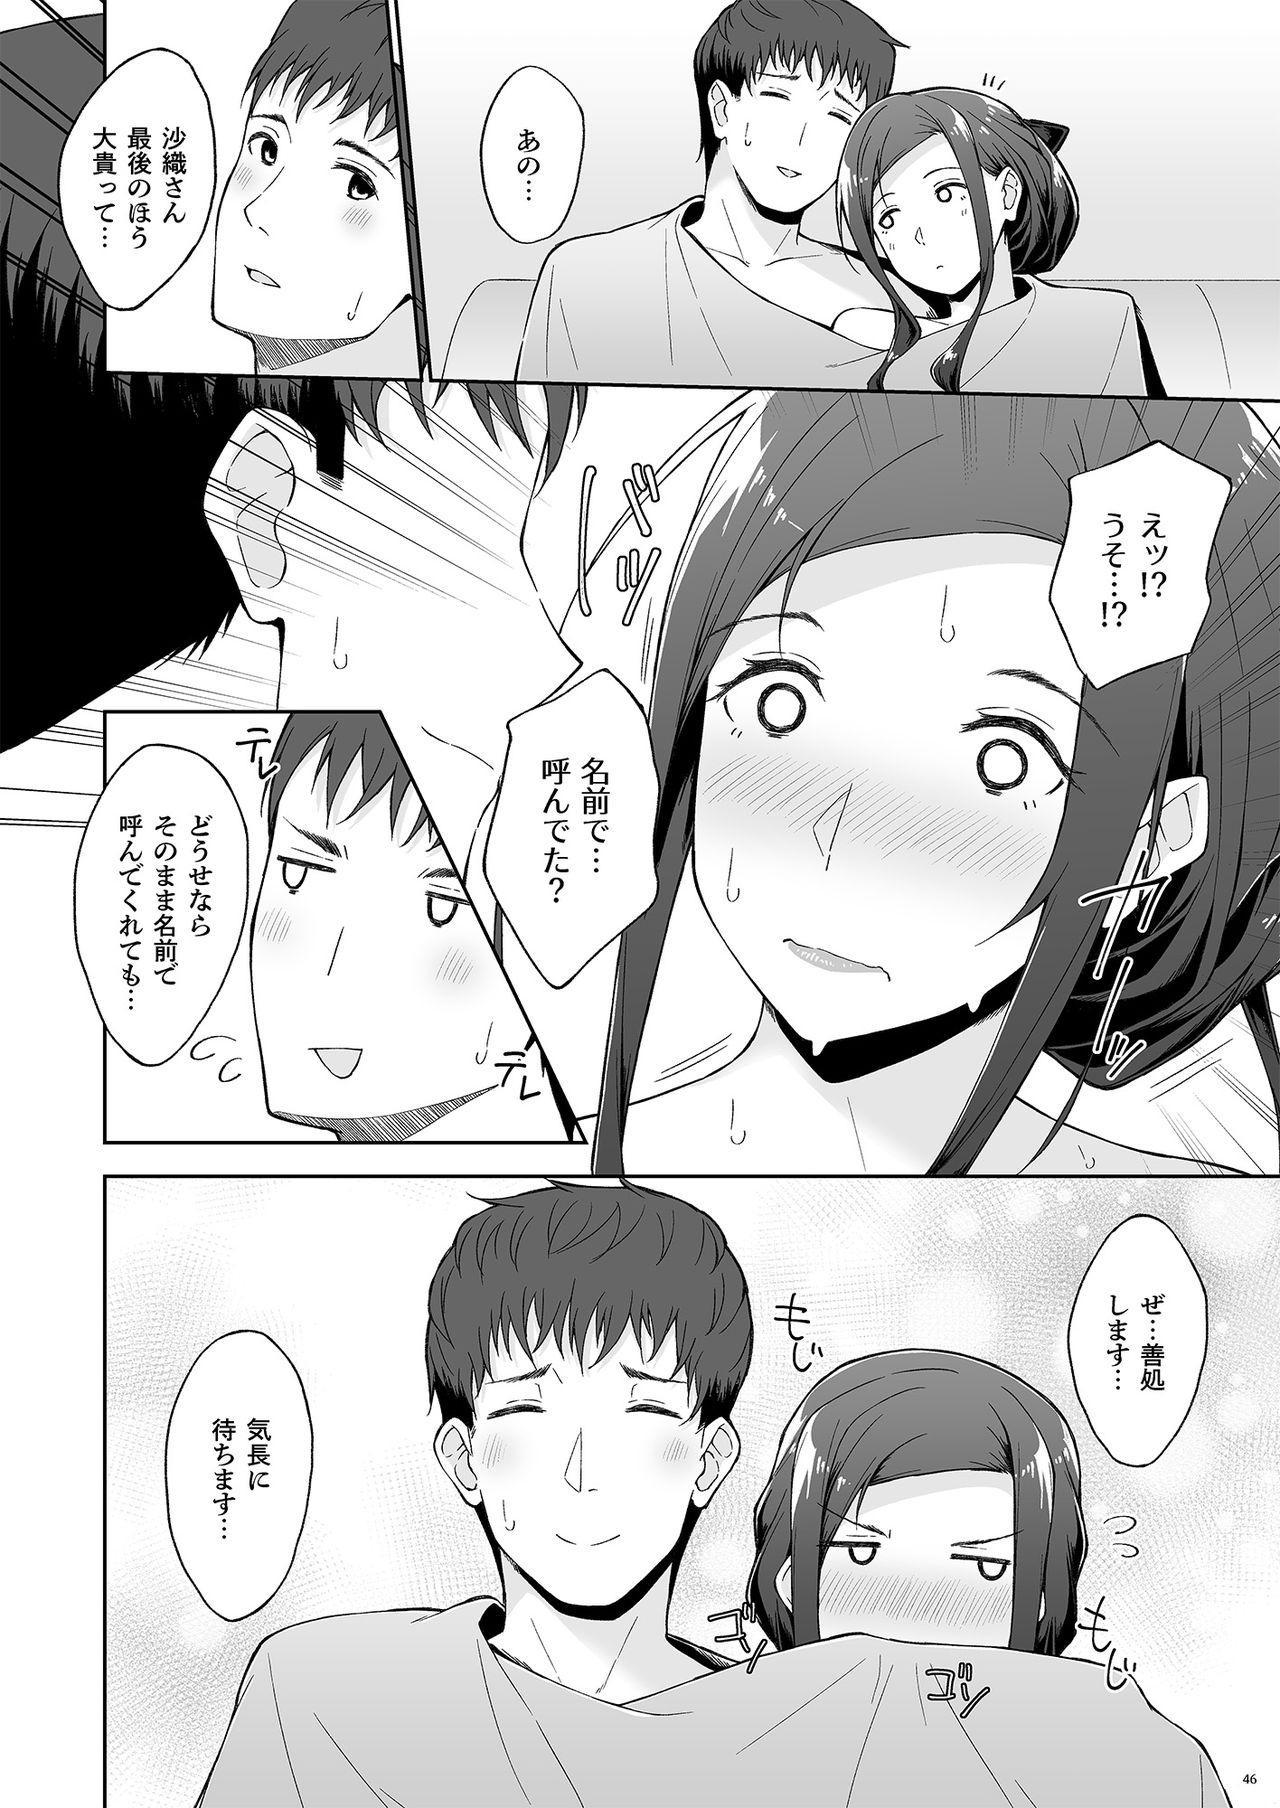 Kyuujitsu no Joushi ni wa, Kawaii Himitsu ga Aru. 2 43